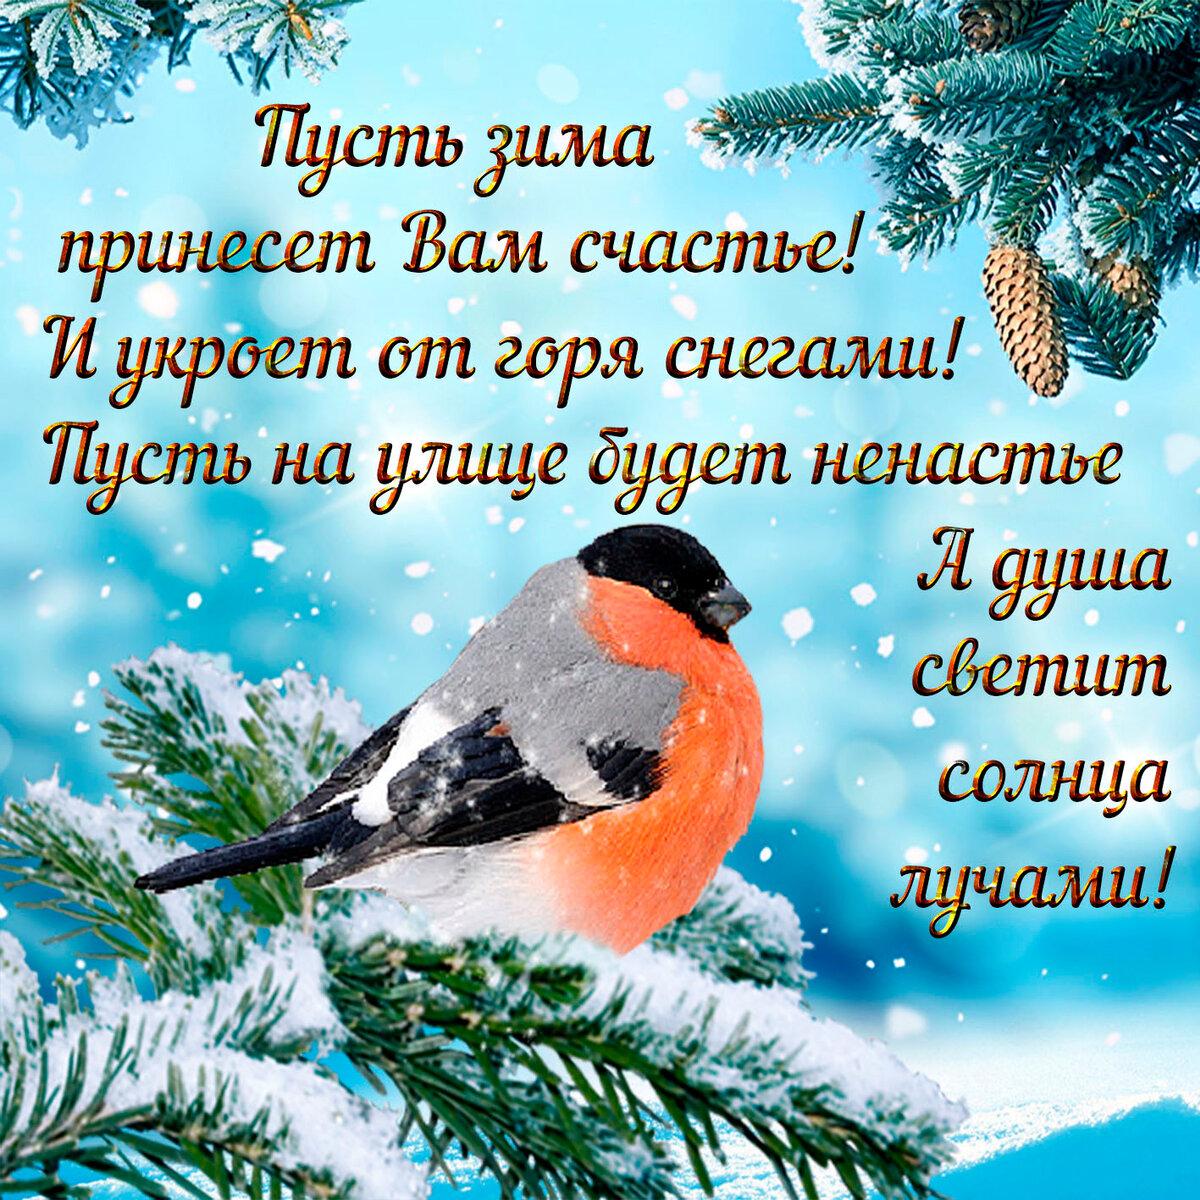 все они зимние пожелания в стихах двух